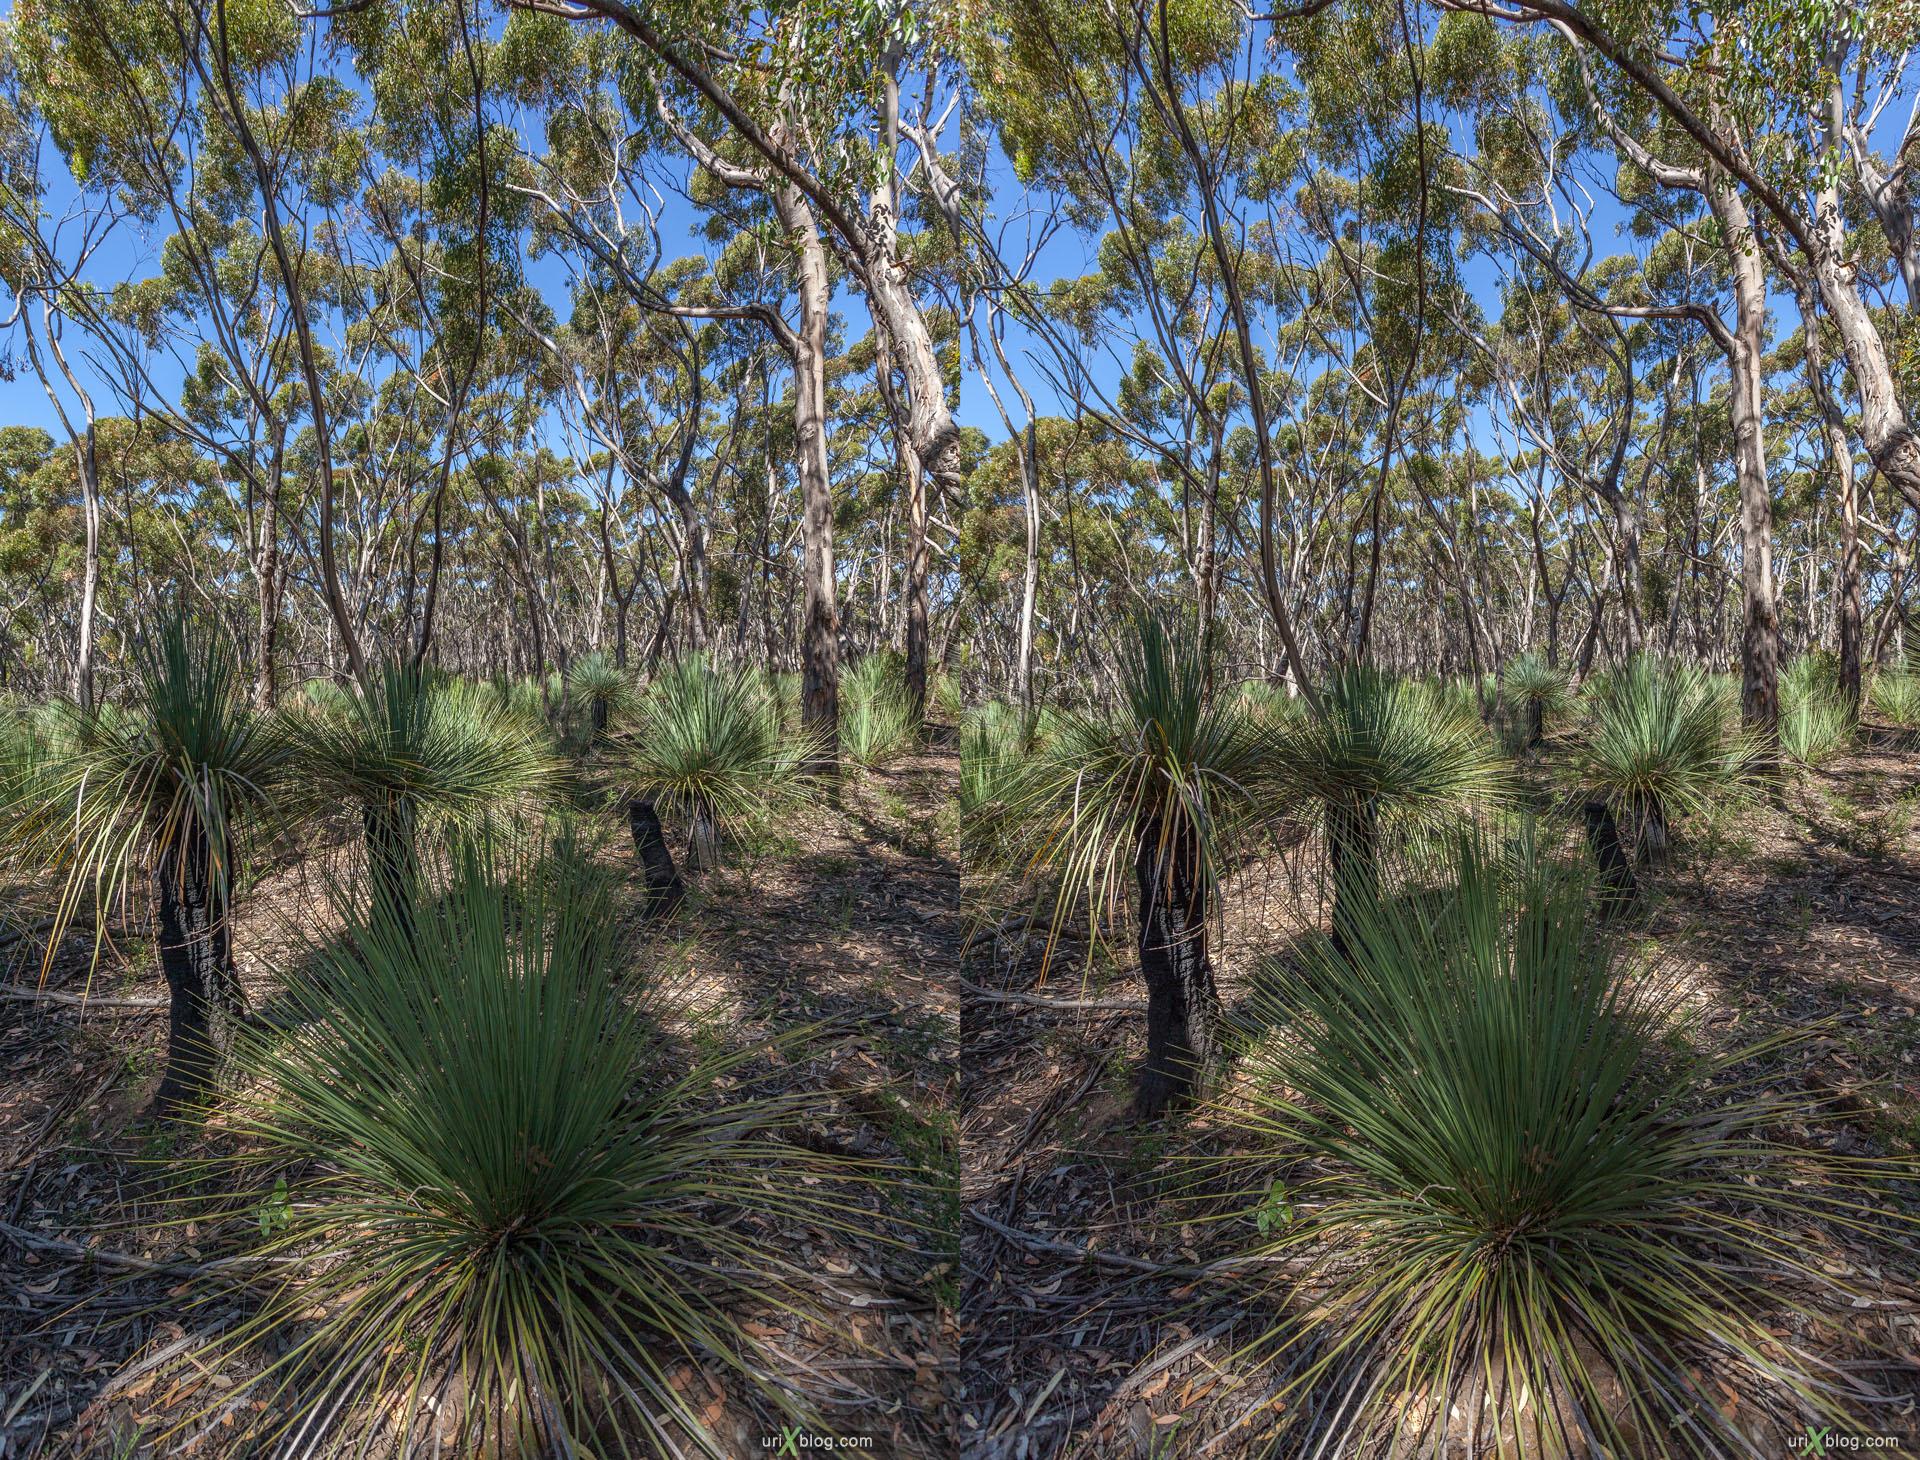 лес, Flinders Chase National Park, остров Кенгуру, Австралия, 3D, перекрёстная стереопара, стерео, стереопара, 2011